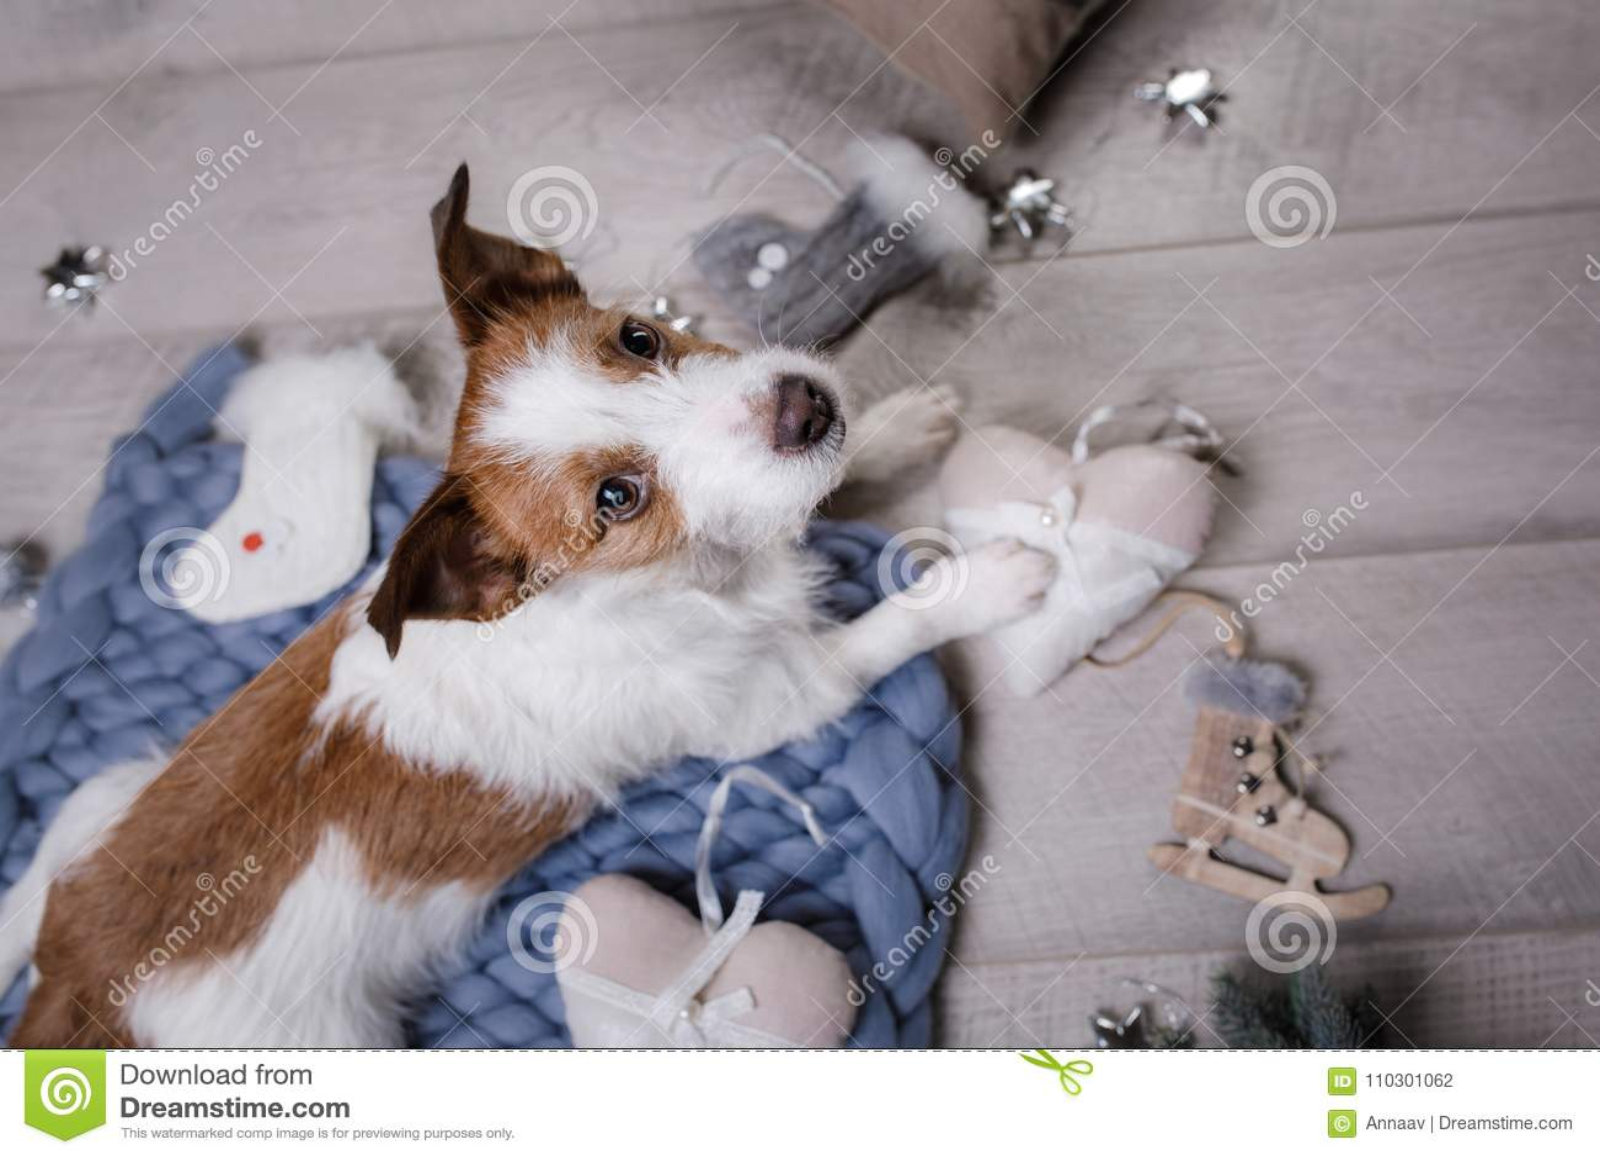 Der Hund liegt auf dem Boden Jack Russell Terrier auf einer Decke